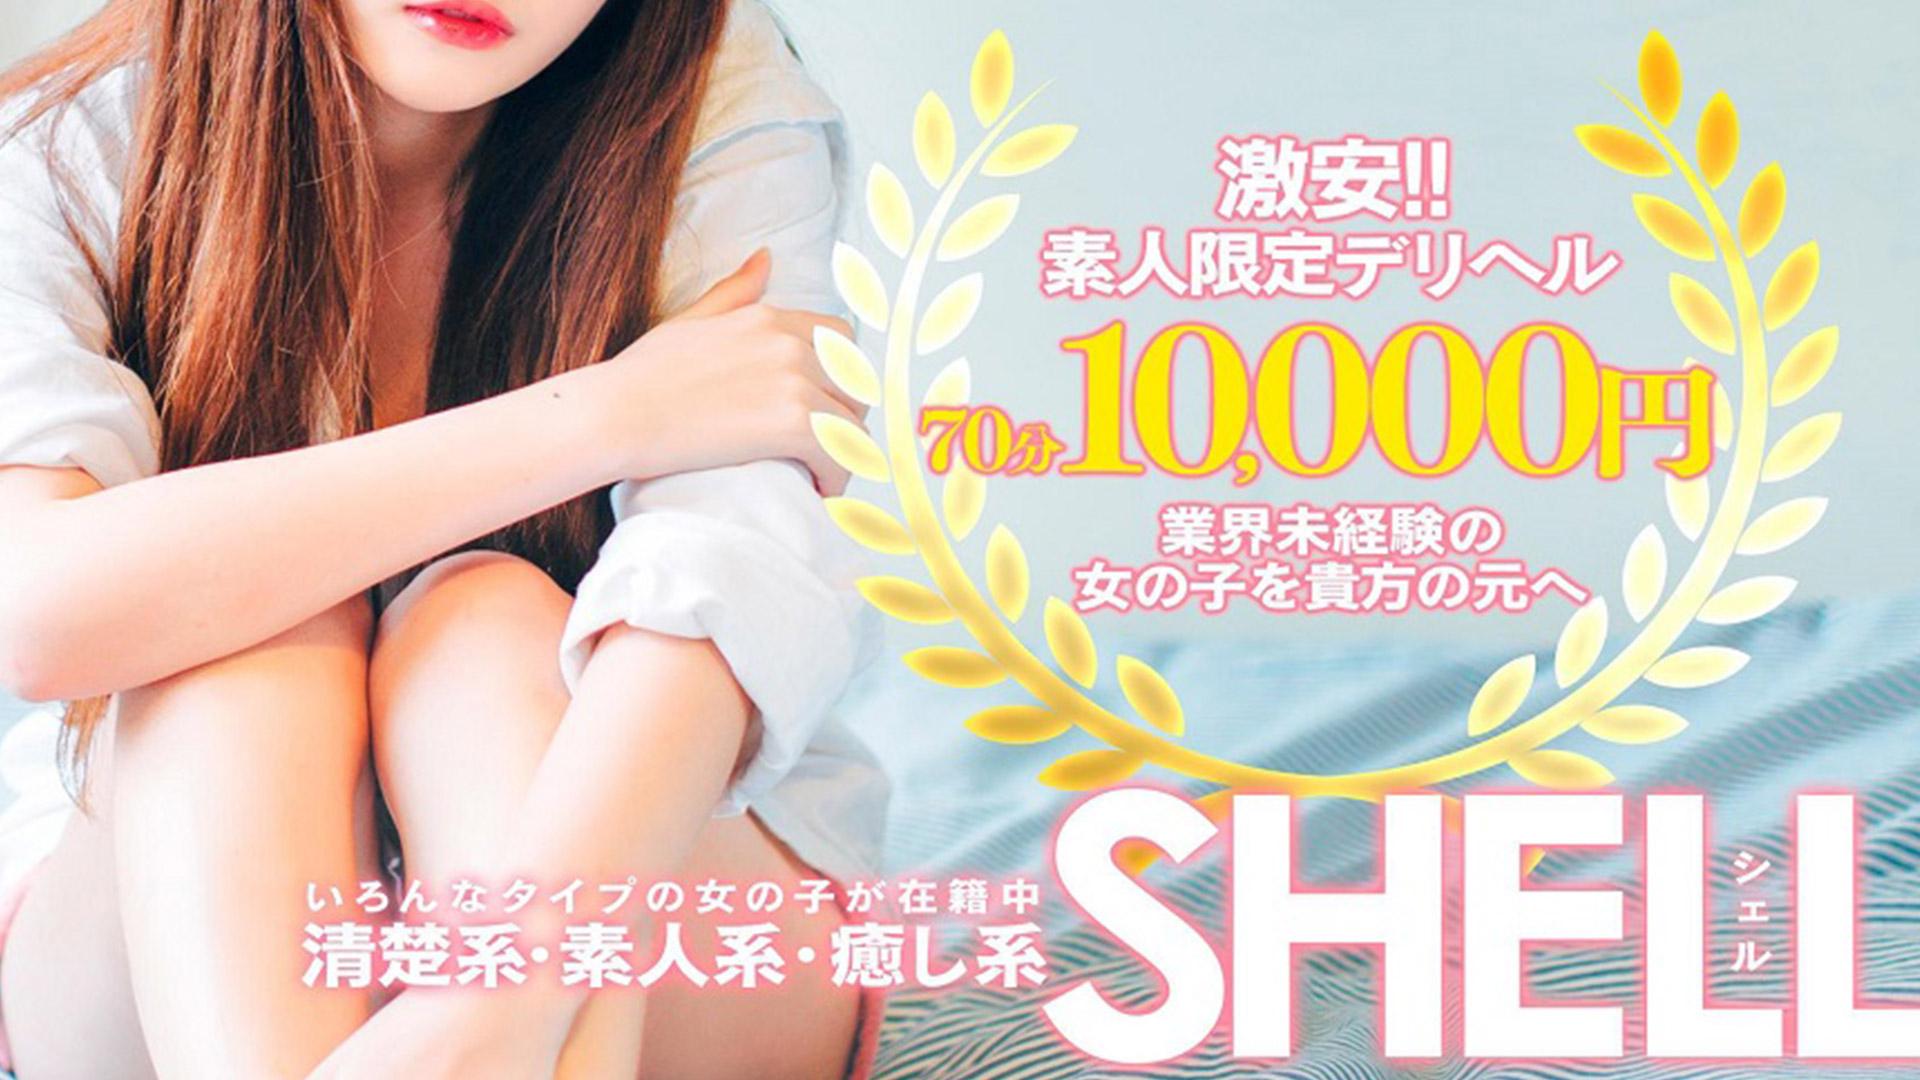 Shell(広島市デリヘル)